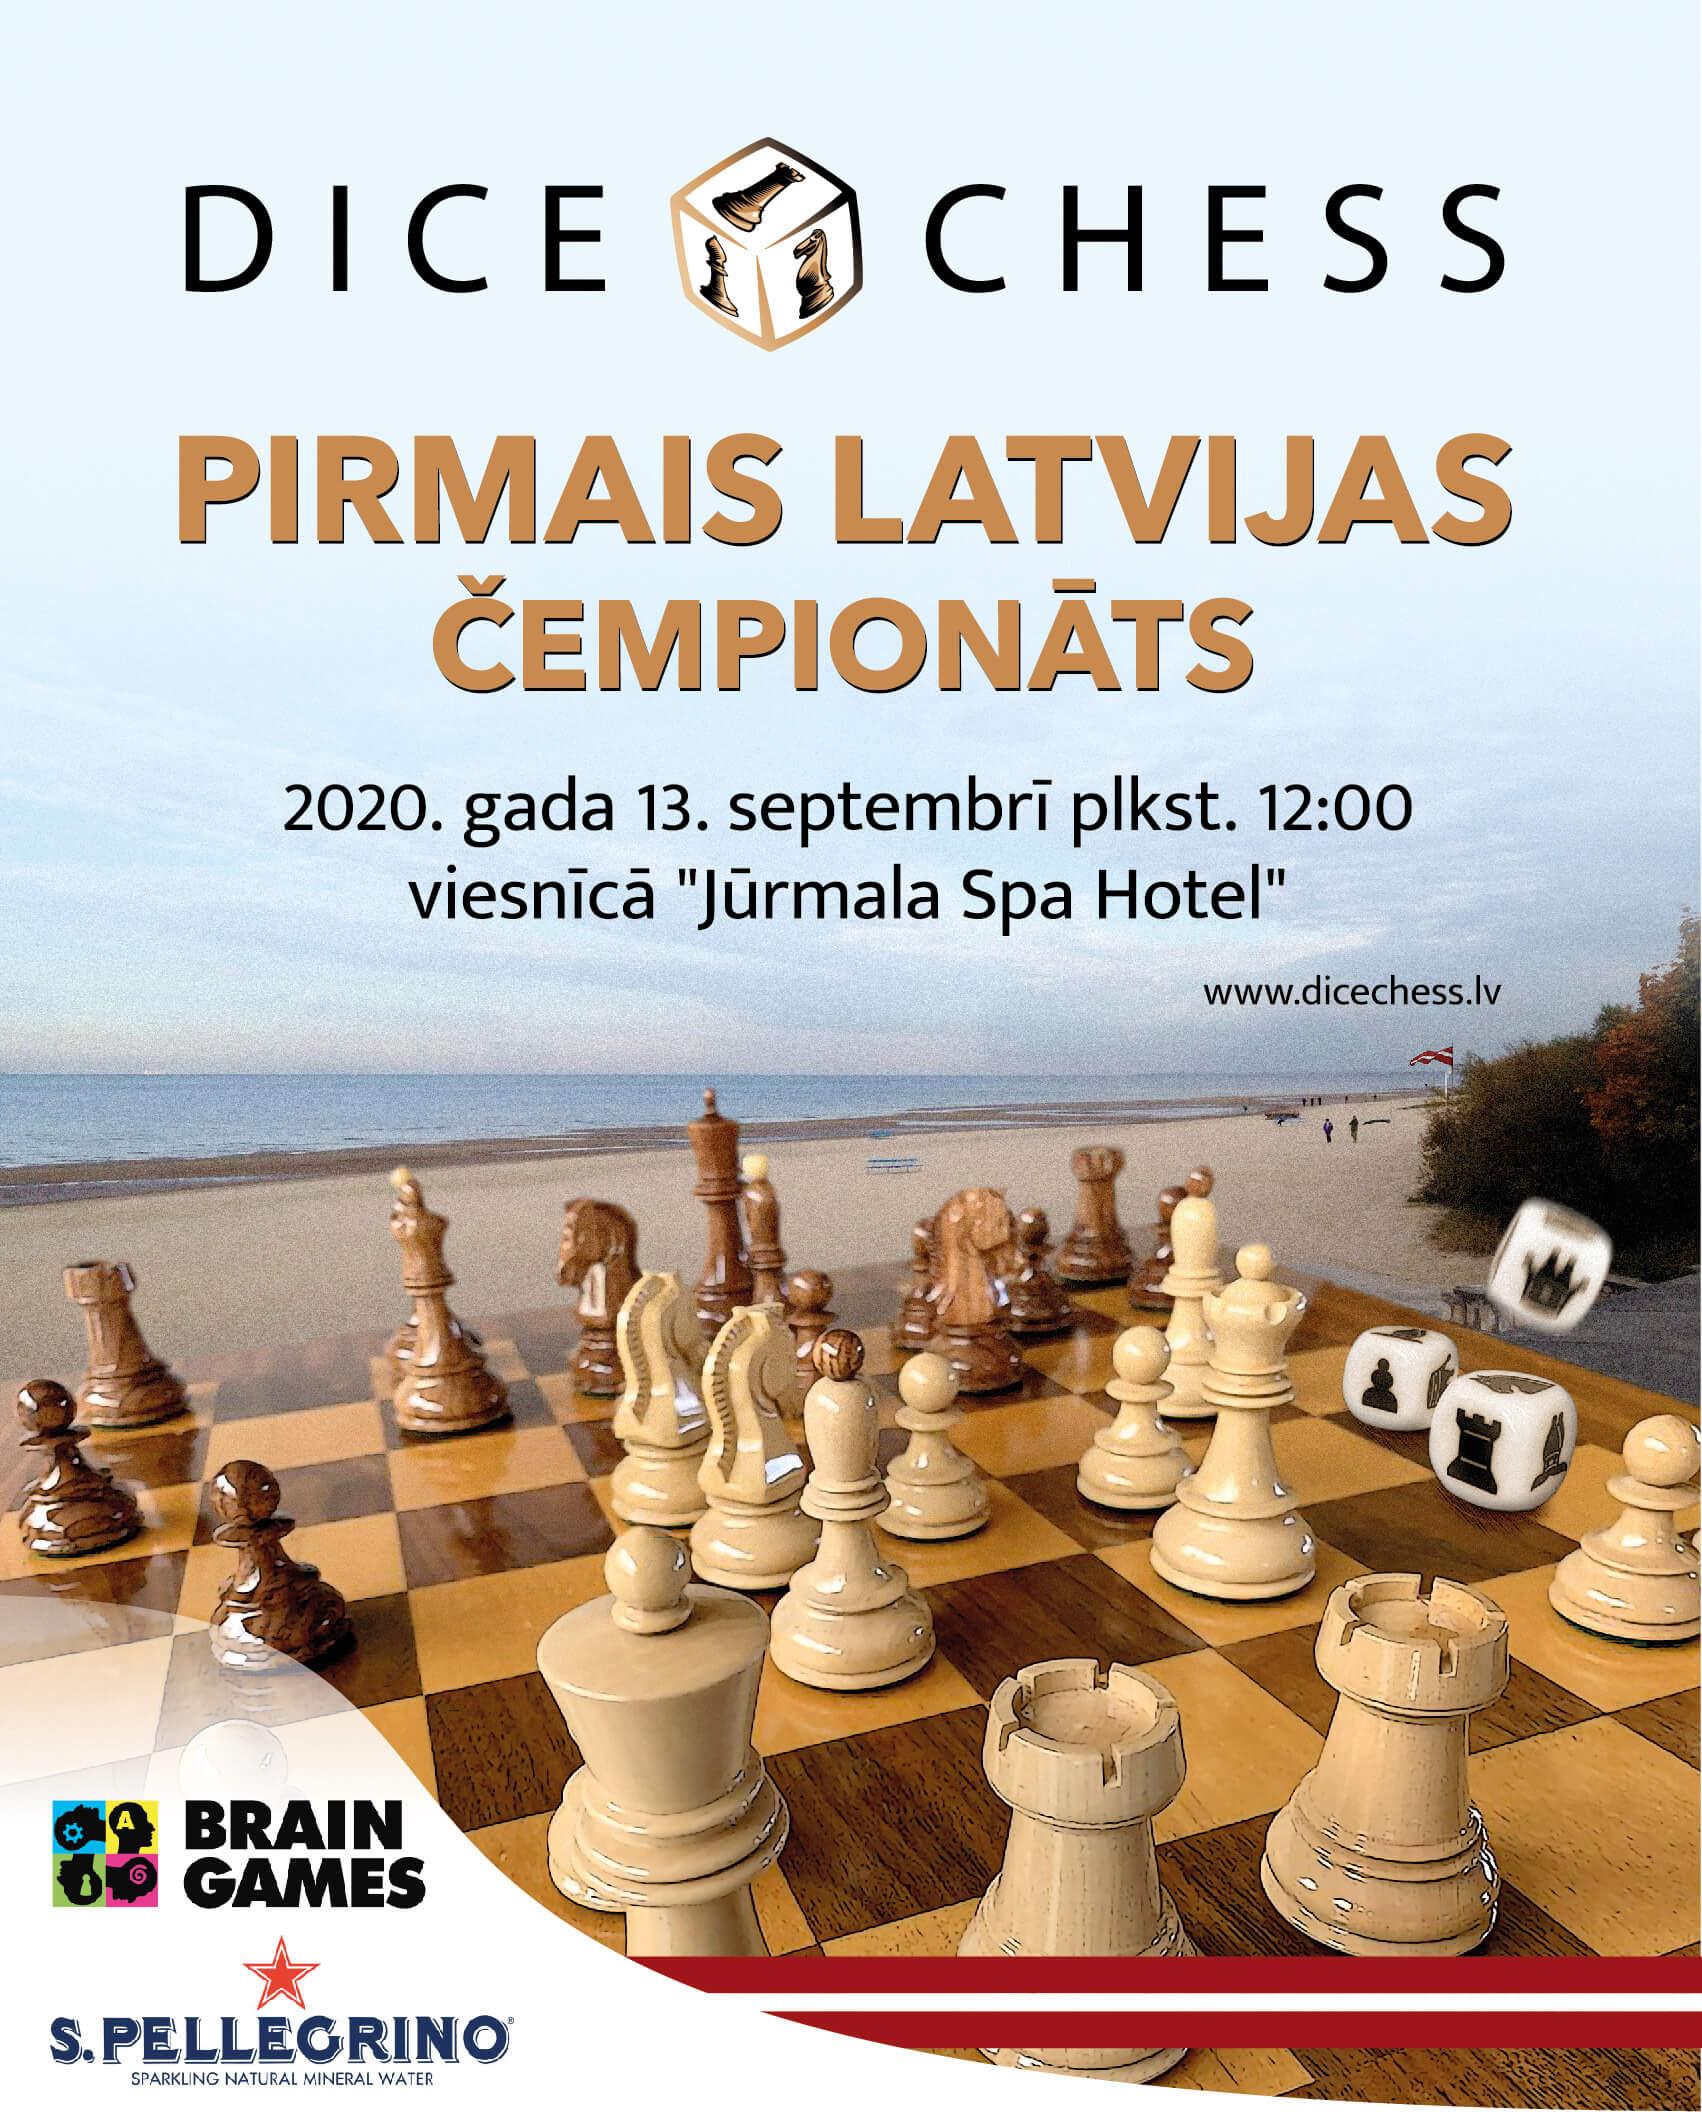 Featured image for Pirmais Latvijas Dice Chess čempionāts 2020